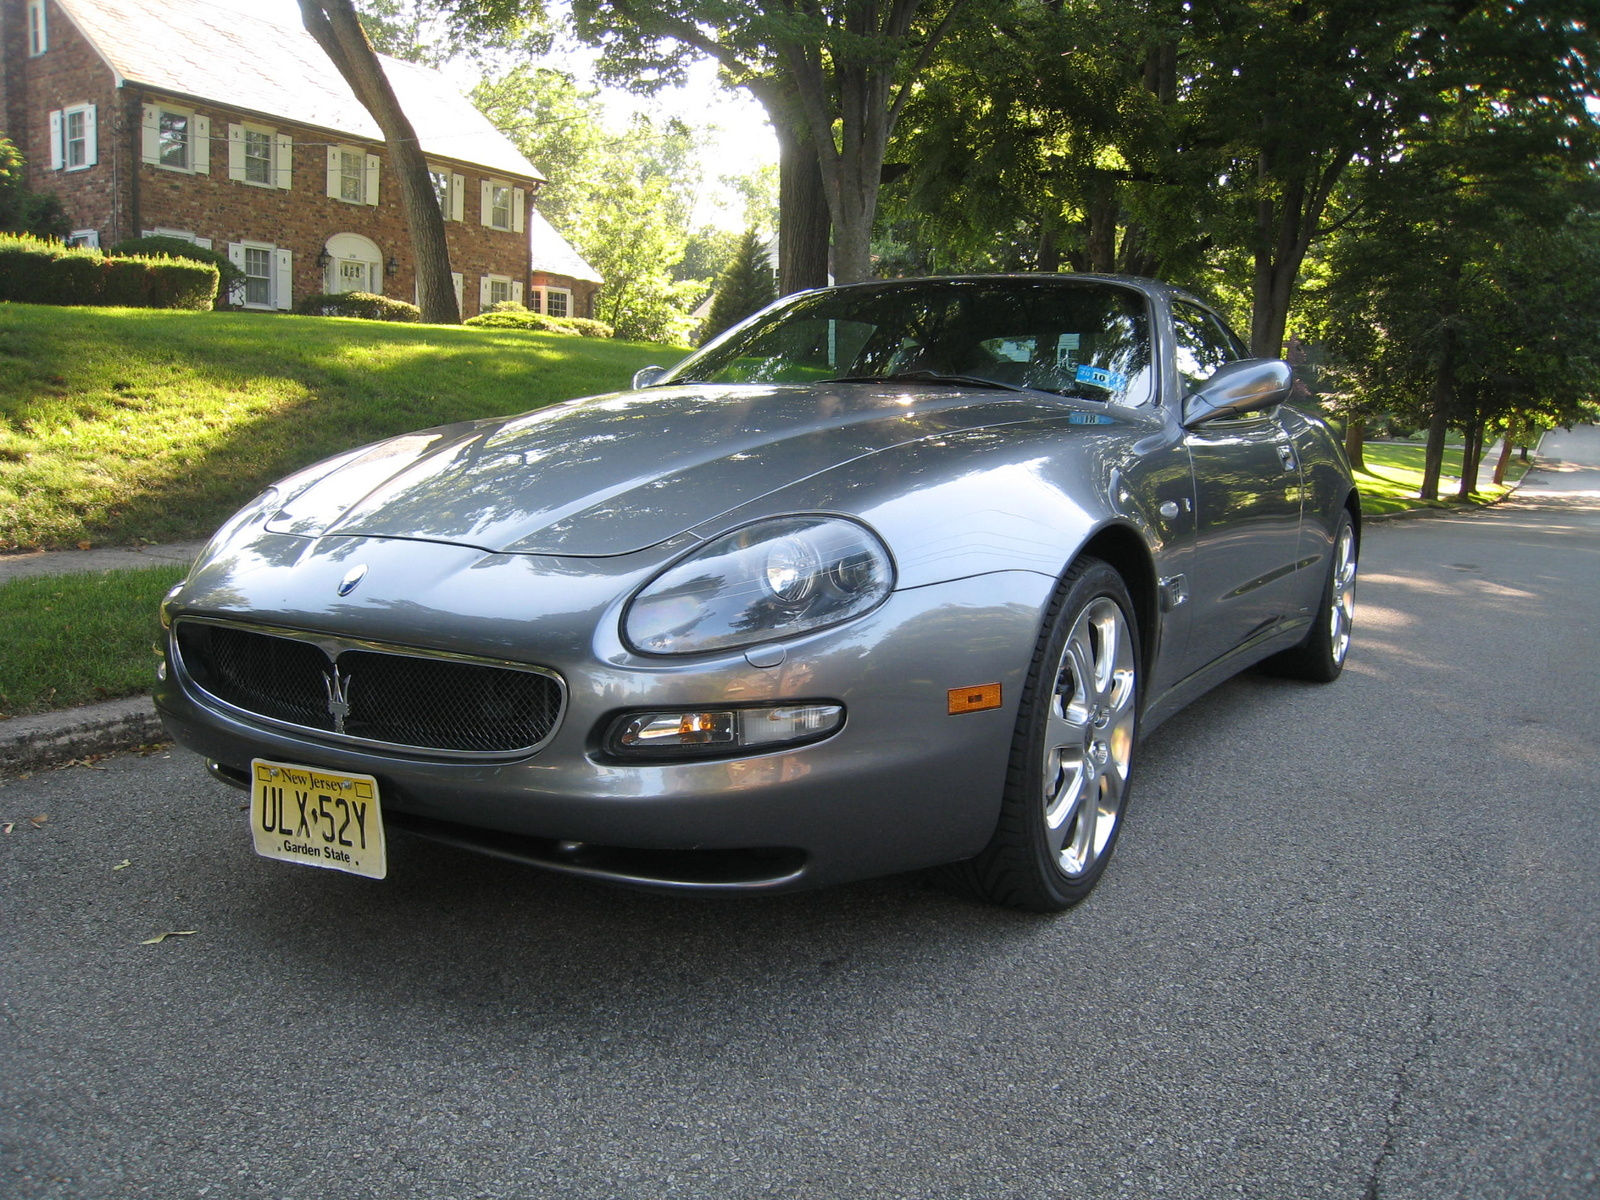 2004 Maserati Coupe - Pictures - CarGurus